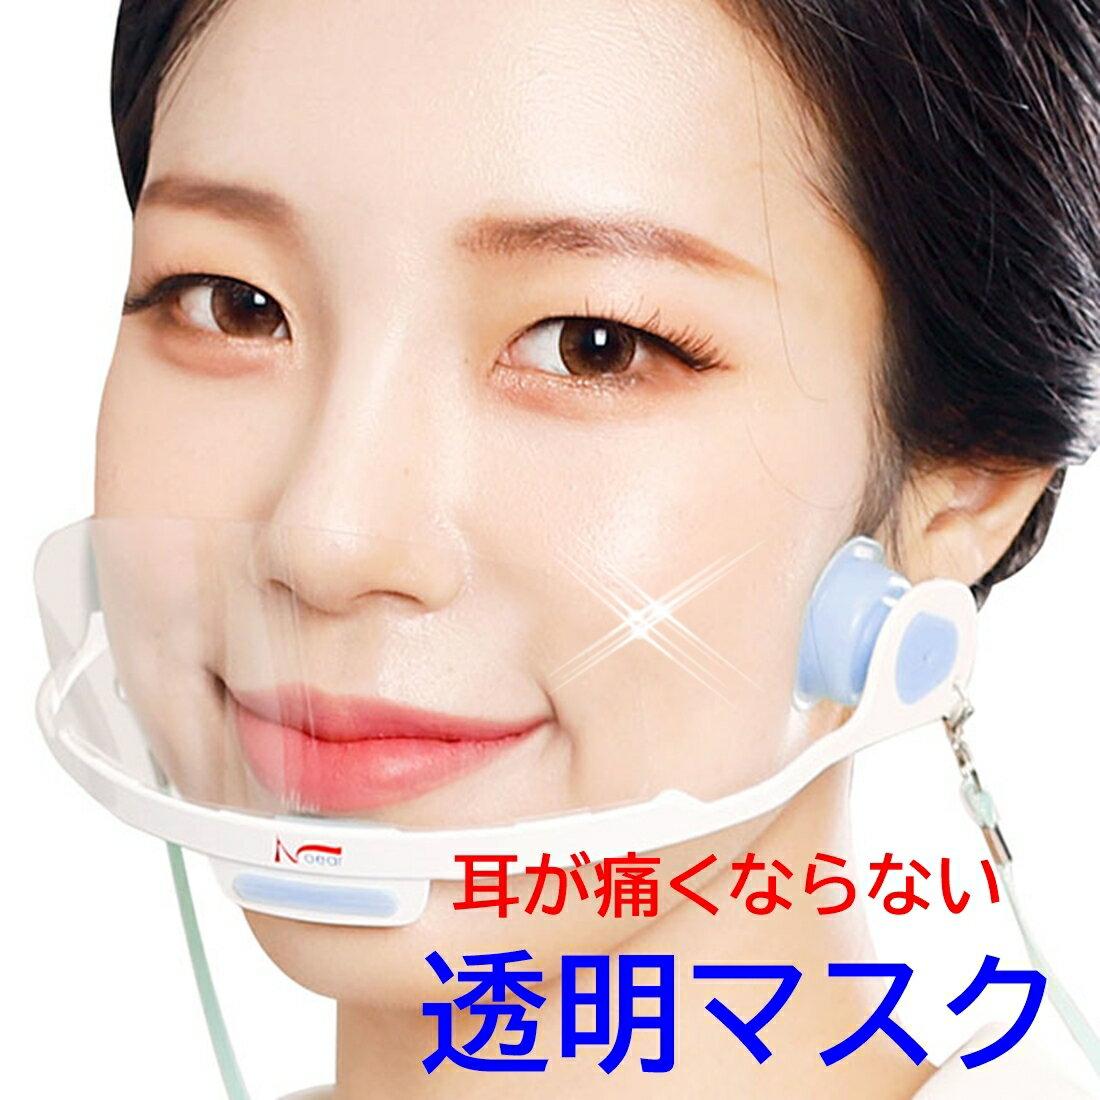 耳が痛くならない 透明マスク フィルム交換式 衛生マスク フェイスシールド 洗える プラスチックマスク ワンタッチ 手話 飲食店 接客 美容 医療 育児 イベント 個包装 NOEAR KR-3